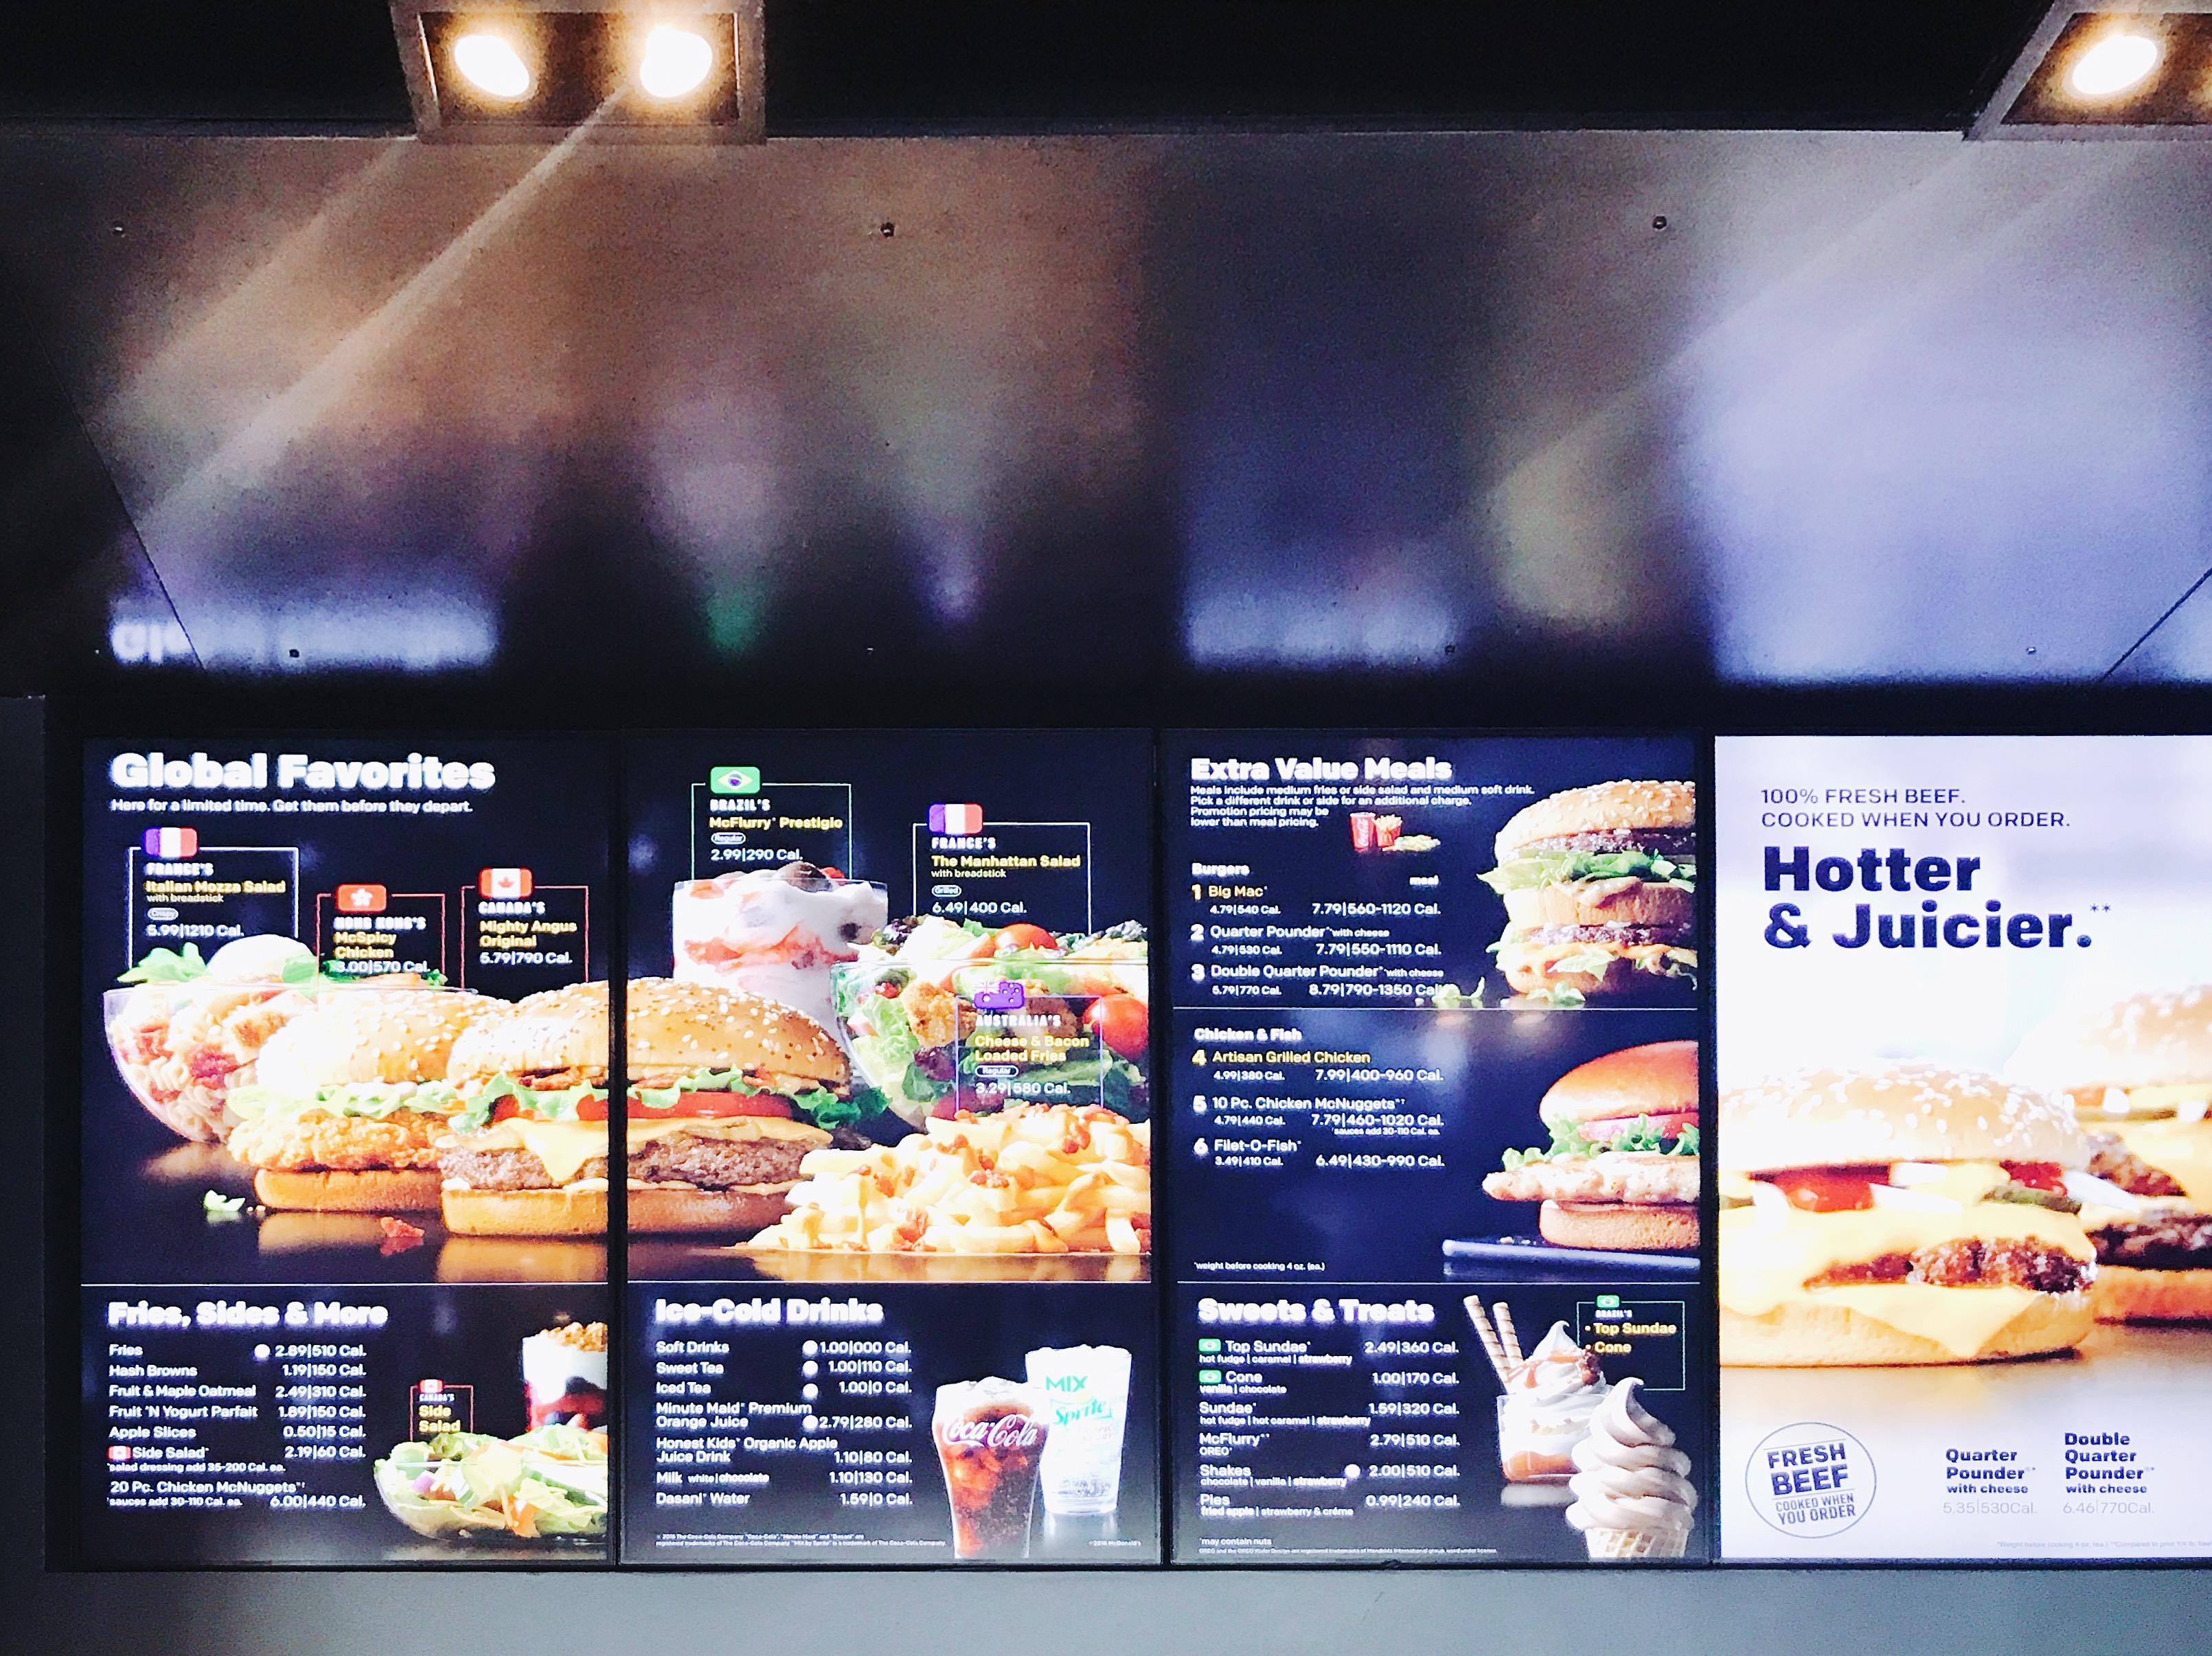 全美第一家 麥當勞推「環球菜單」首批就有中國式辣雞 - 世界新聞網